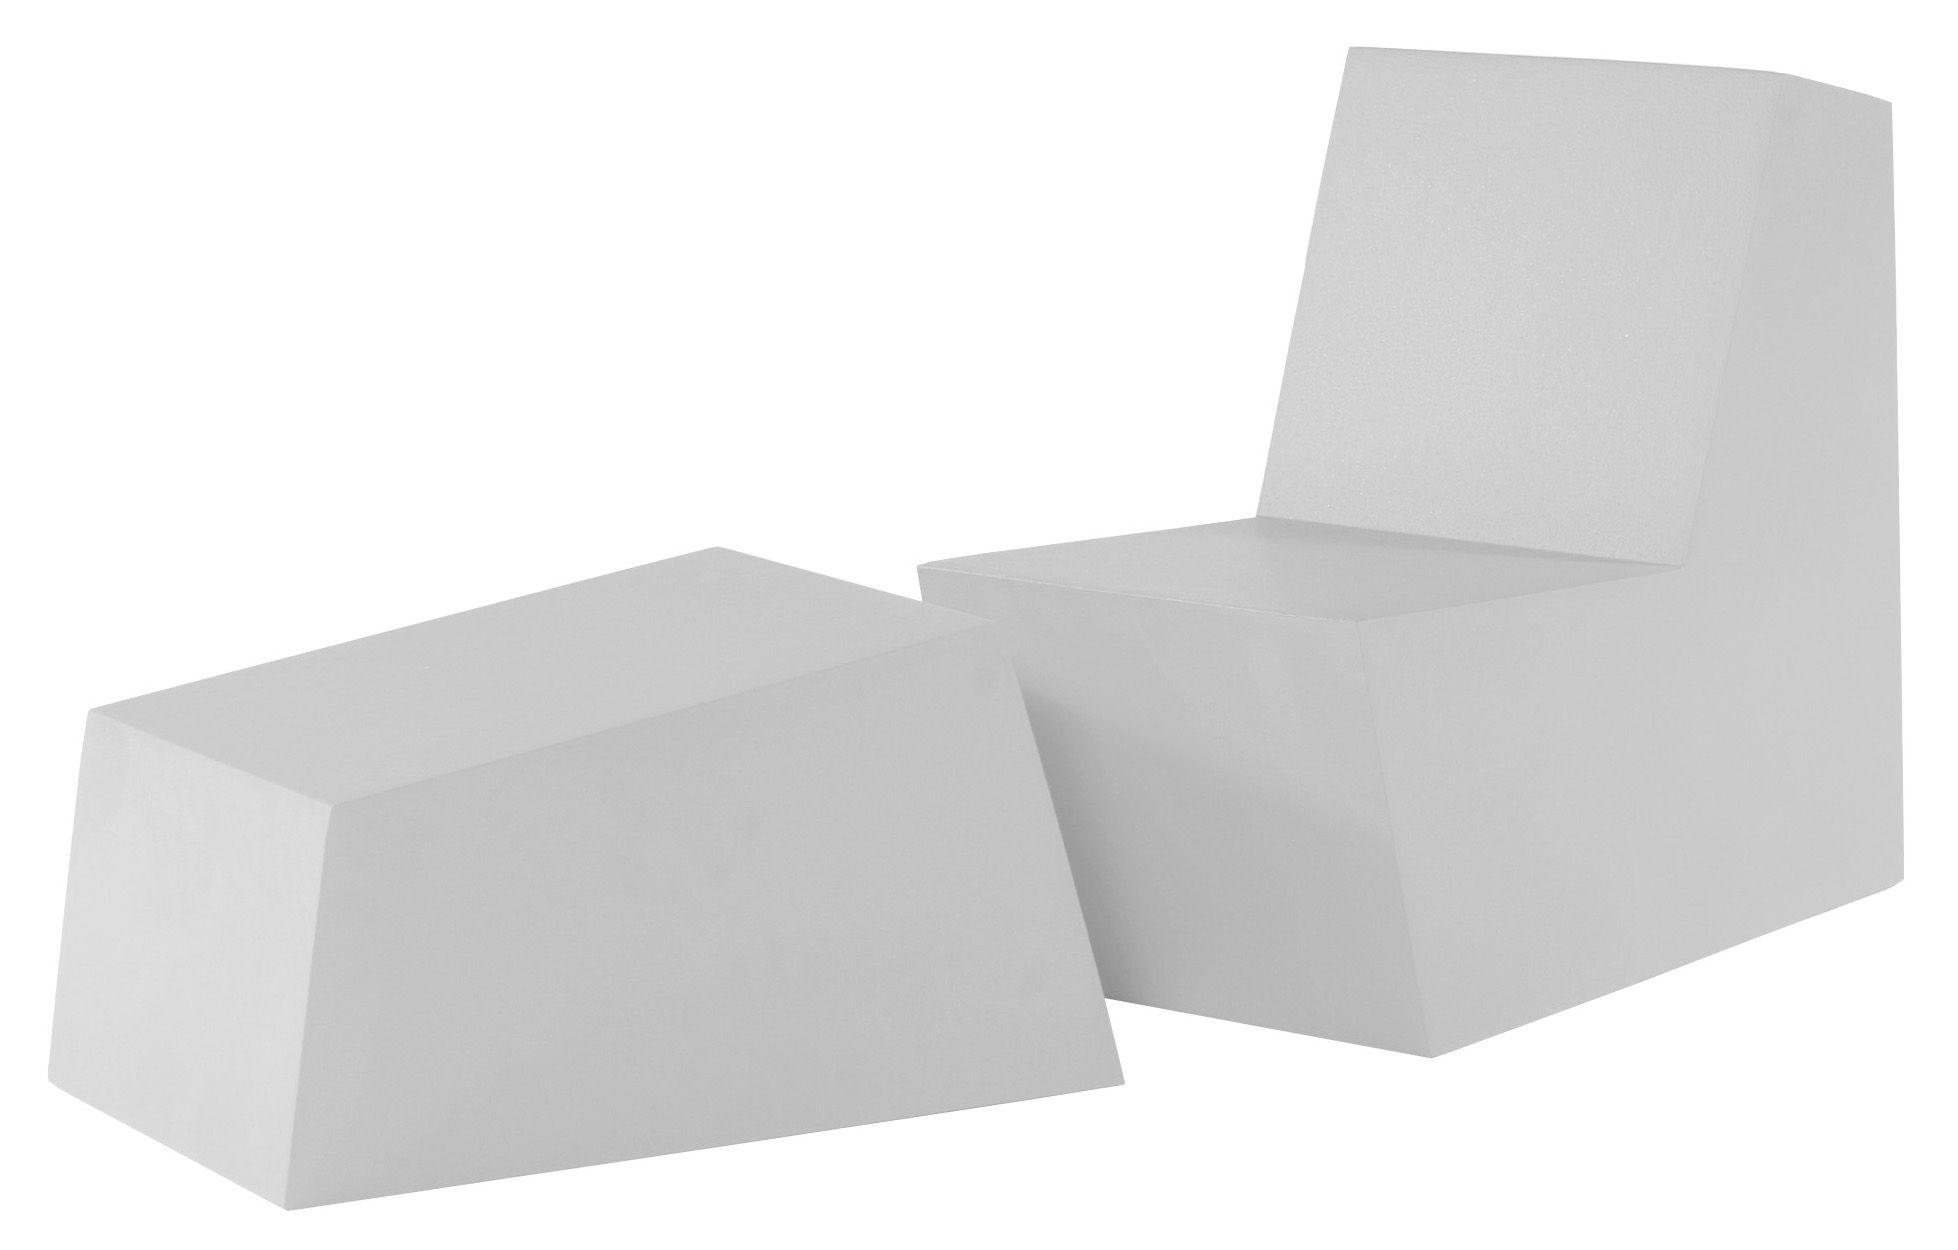 Arredamento - Mobili Ados  - Pouf Primary solo Ottoman di Quinze & Milan - Bianco - Schiuma di poliuretano